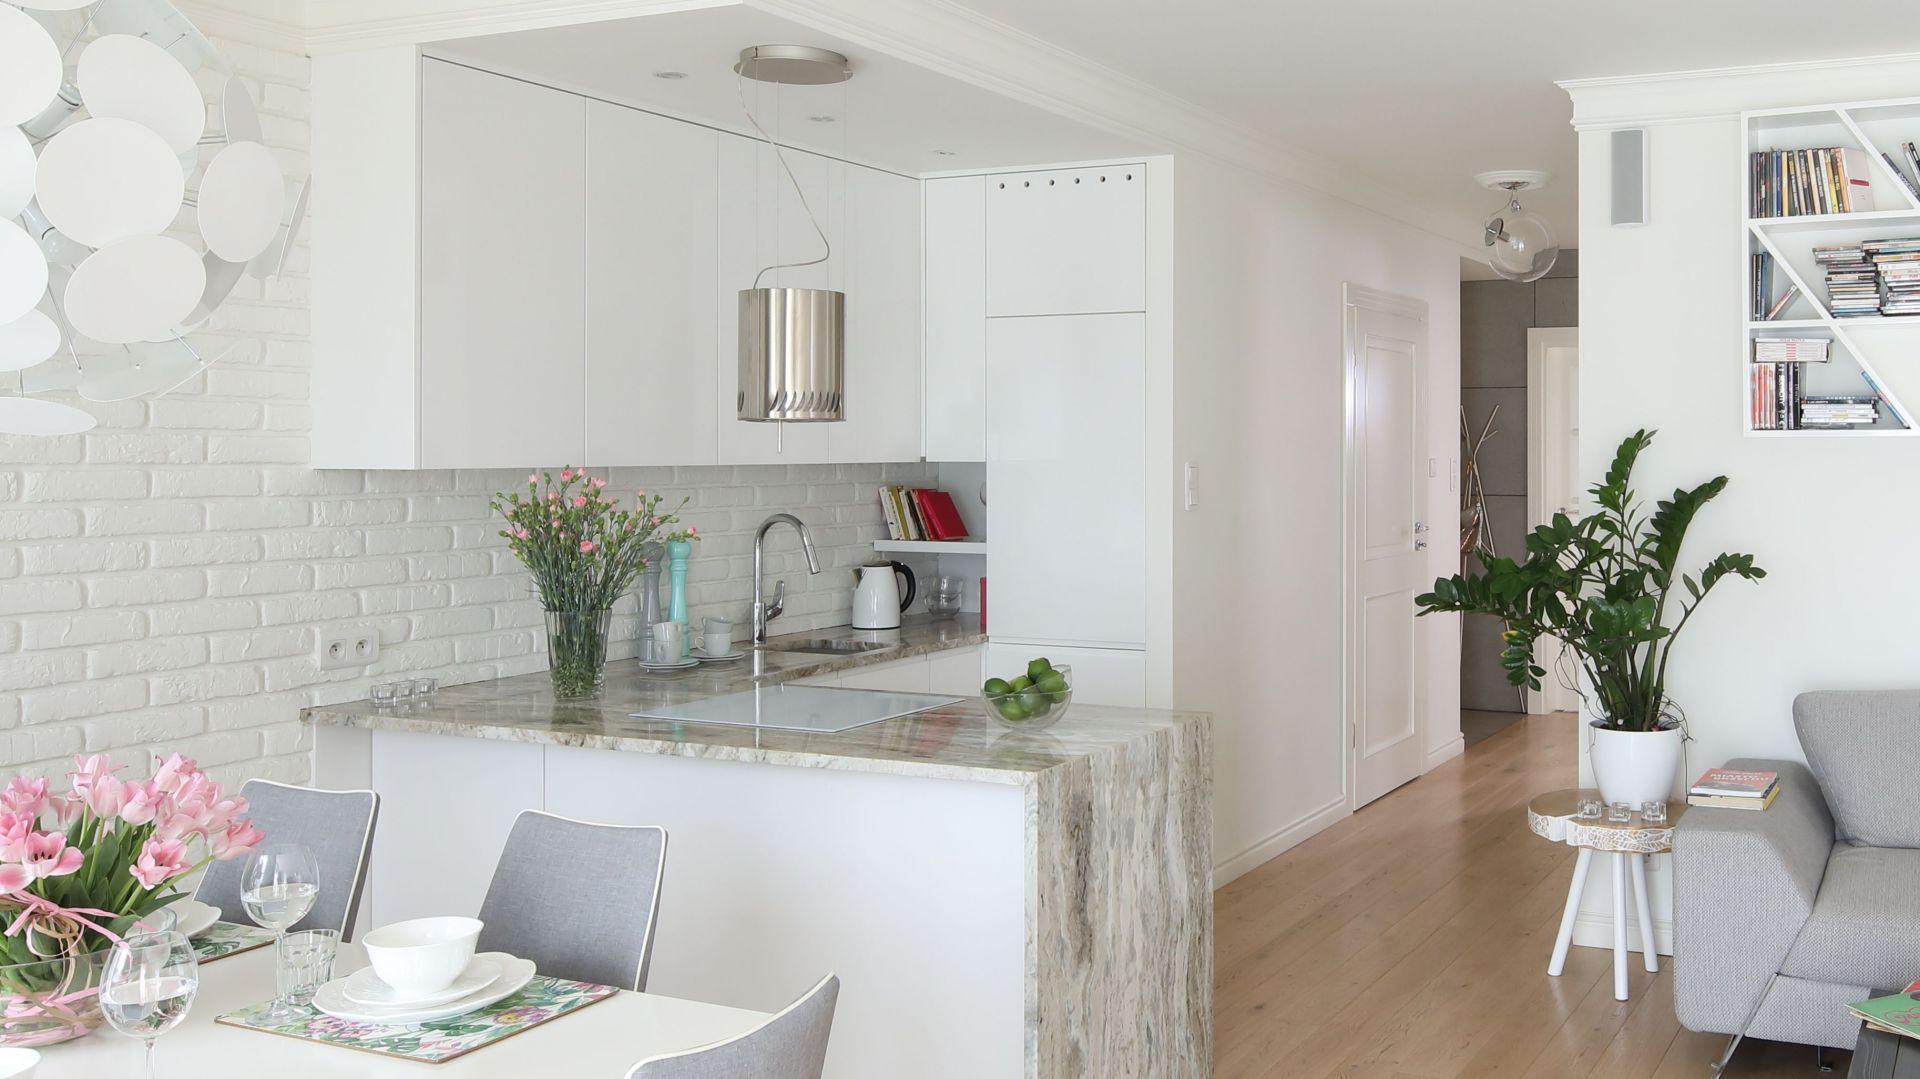 Biała kuchnia w małych wnętrzach. 12 pięknych zdjęć. Projekt Laura Sulzik